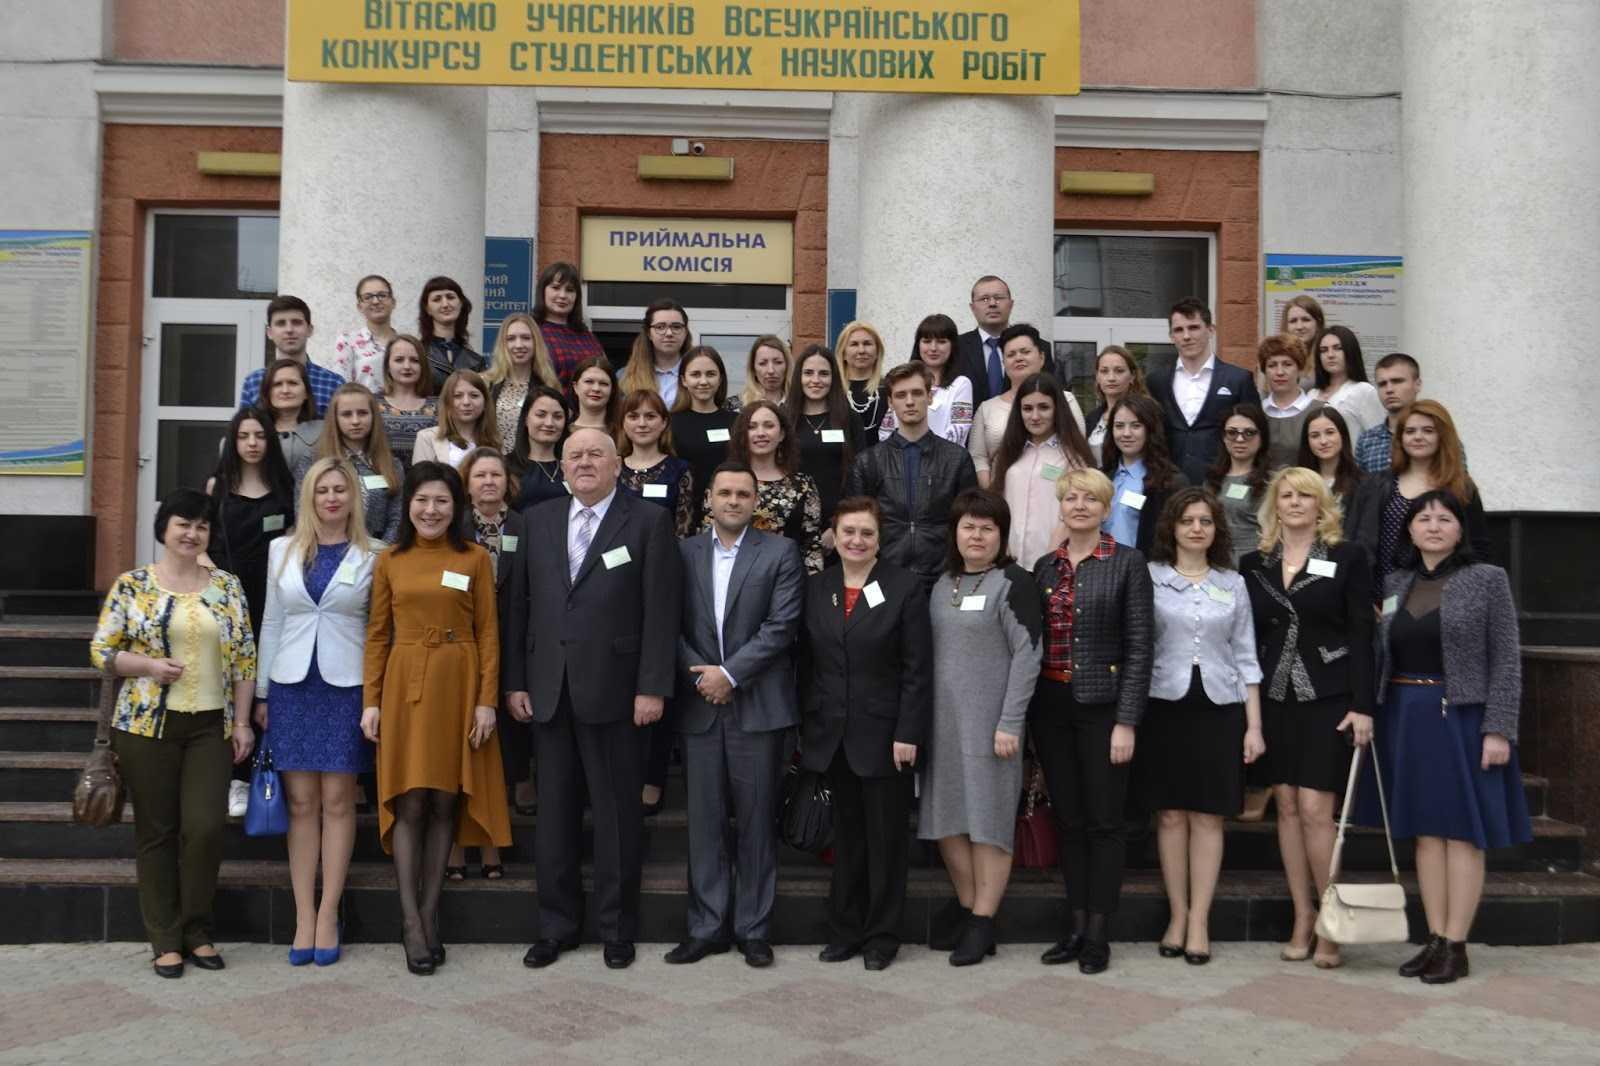 Участь ОДЕКУ у Всеукраїнському конкурсі наукових робіт зі спеціальності «Економіка»